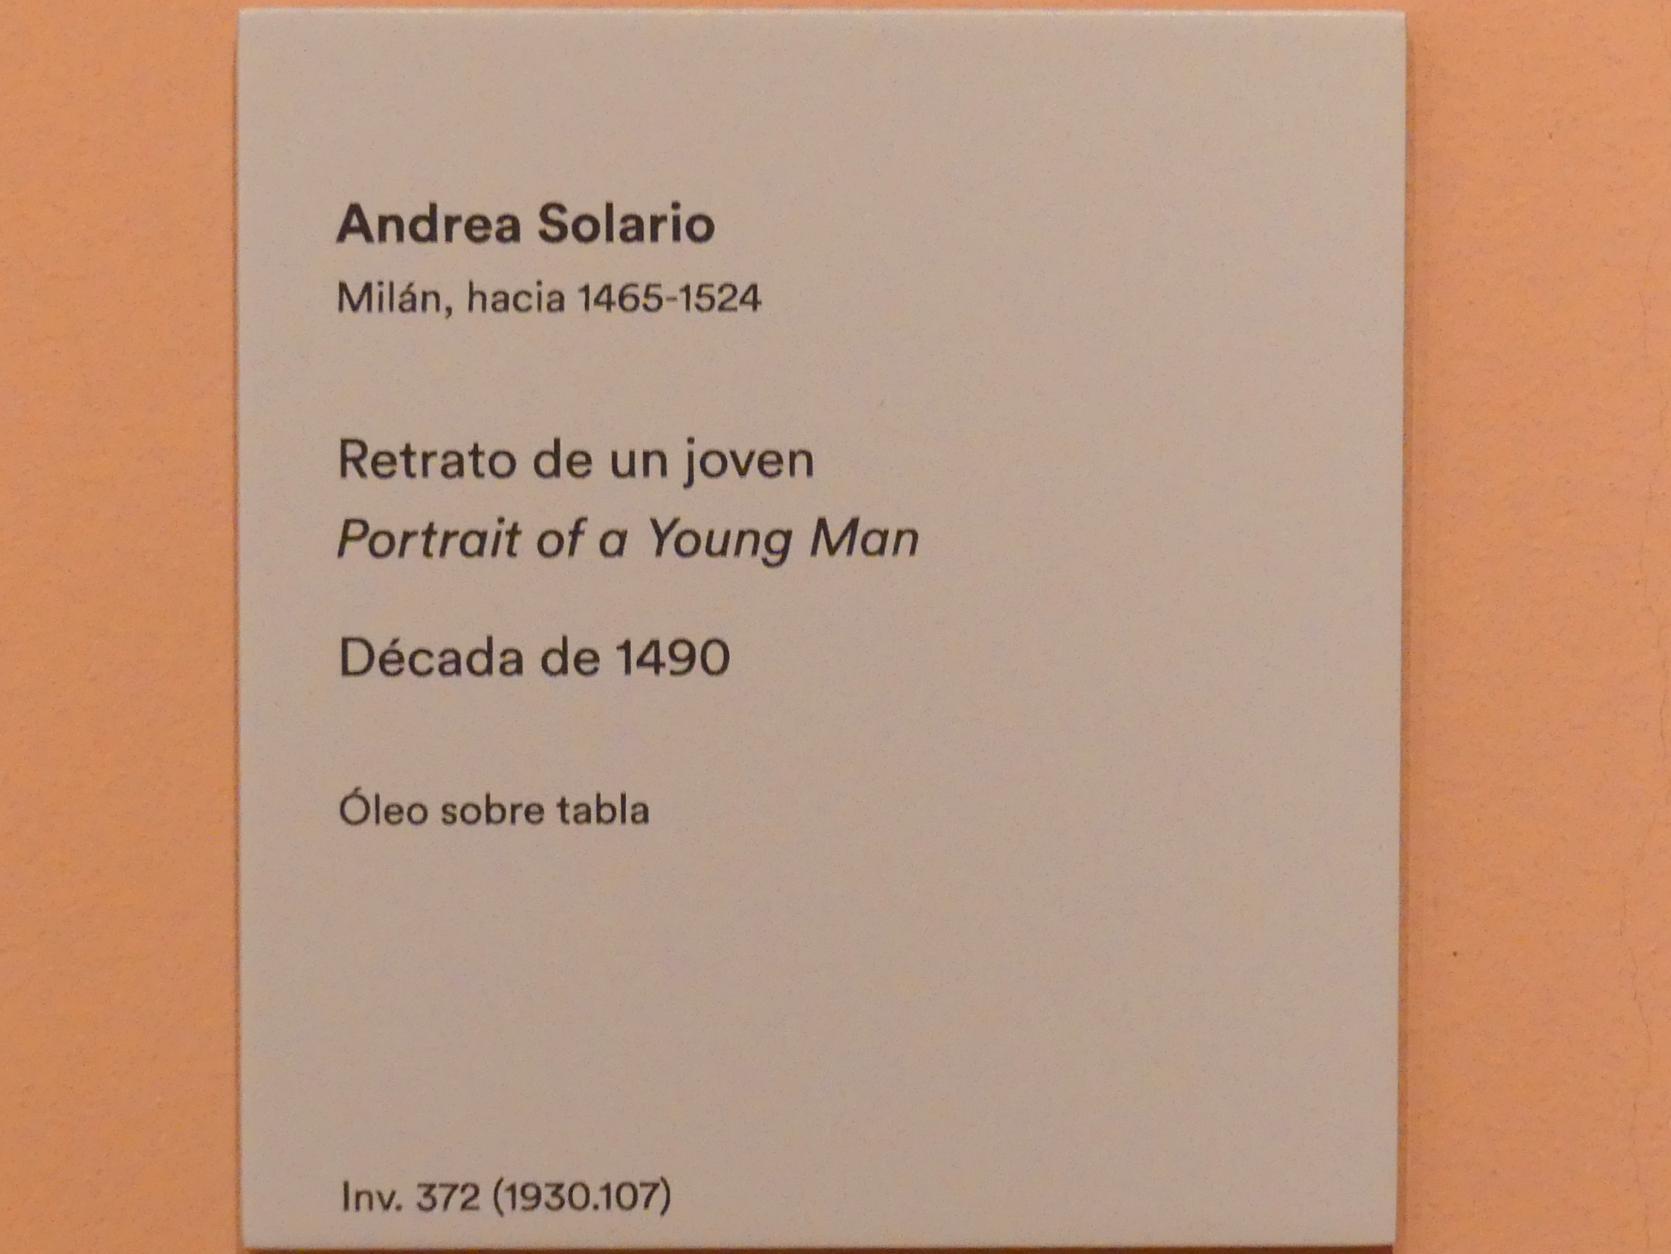 Andrea Solari: Porträt eines jungen Mannes, um 1490 - 1500, Bild 2/2